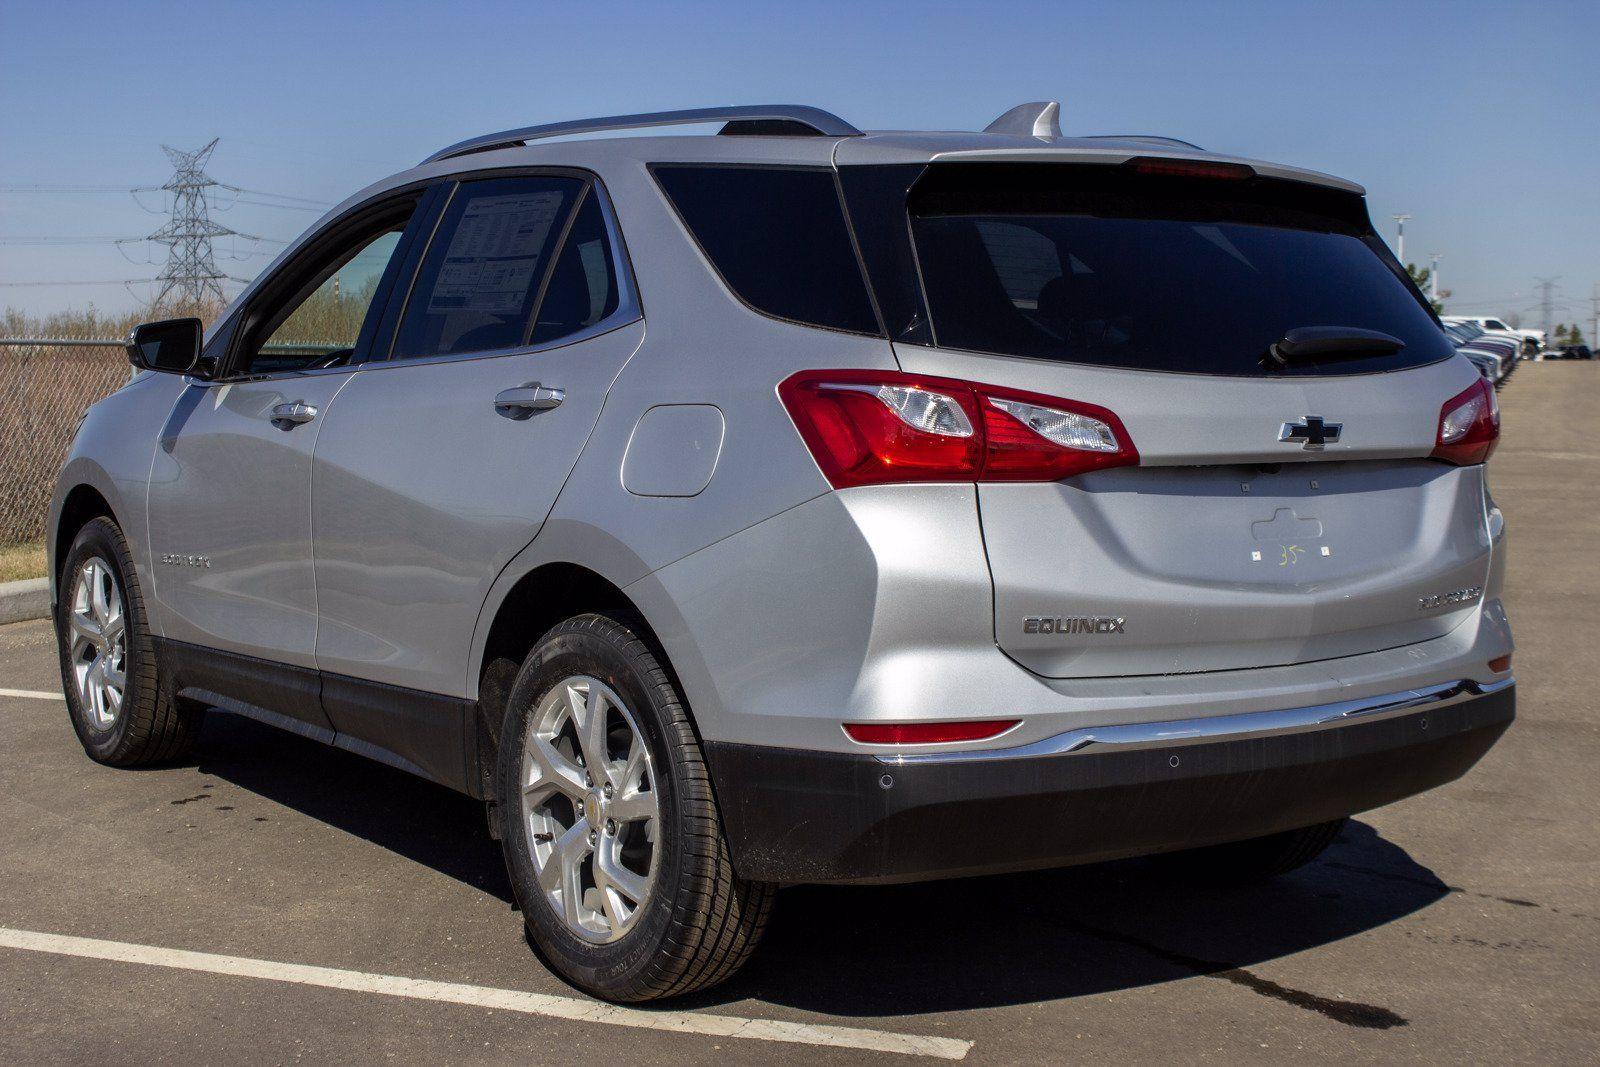 2020 Chevrolet Equinox Premier 1 5 L Awd Suv Chevrolet Equinox Awd Chevrolet